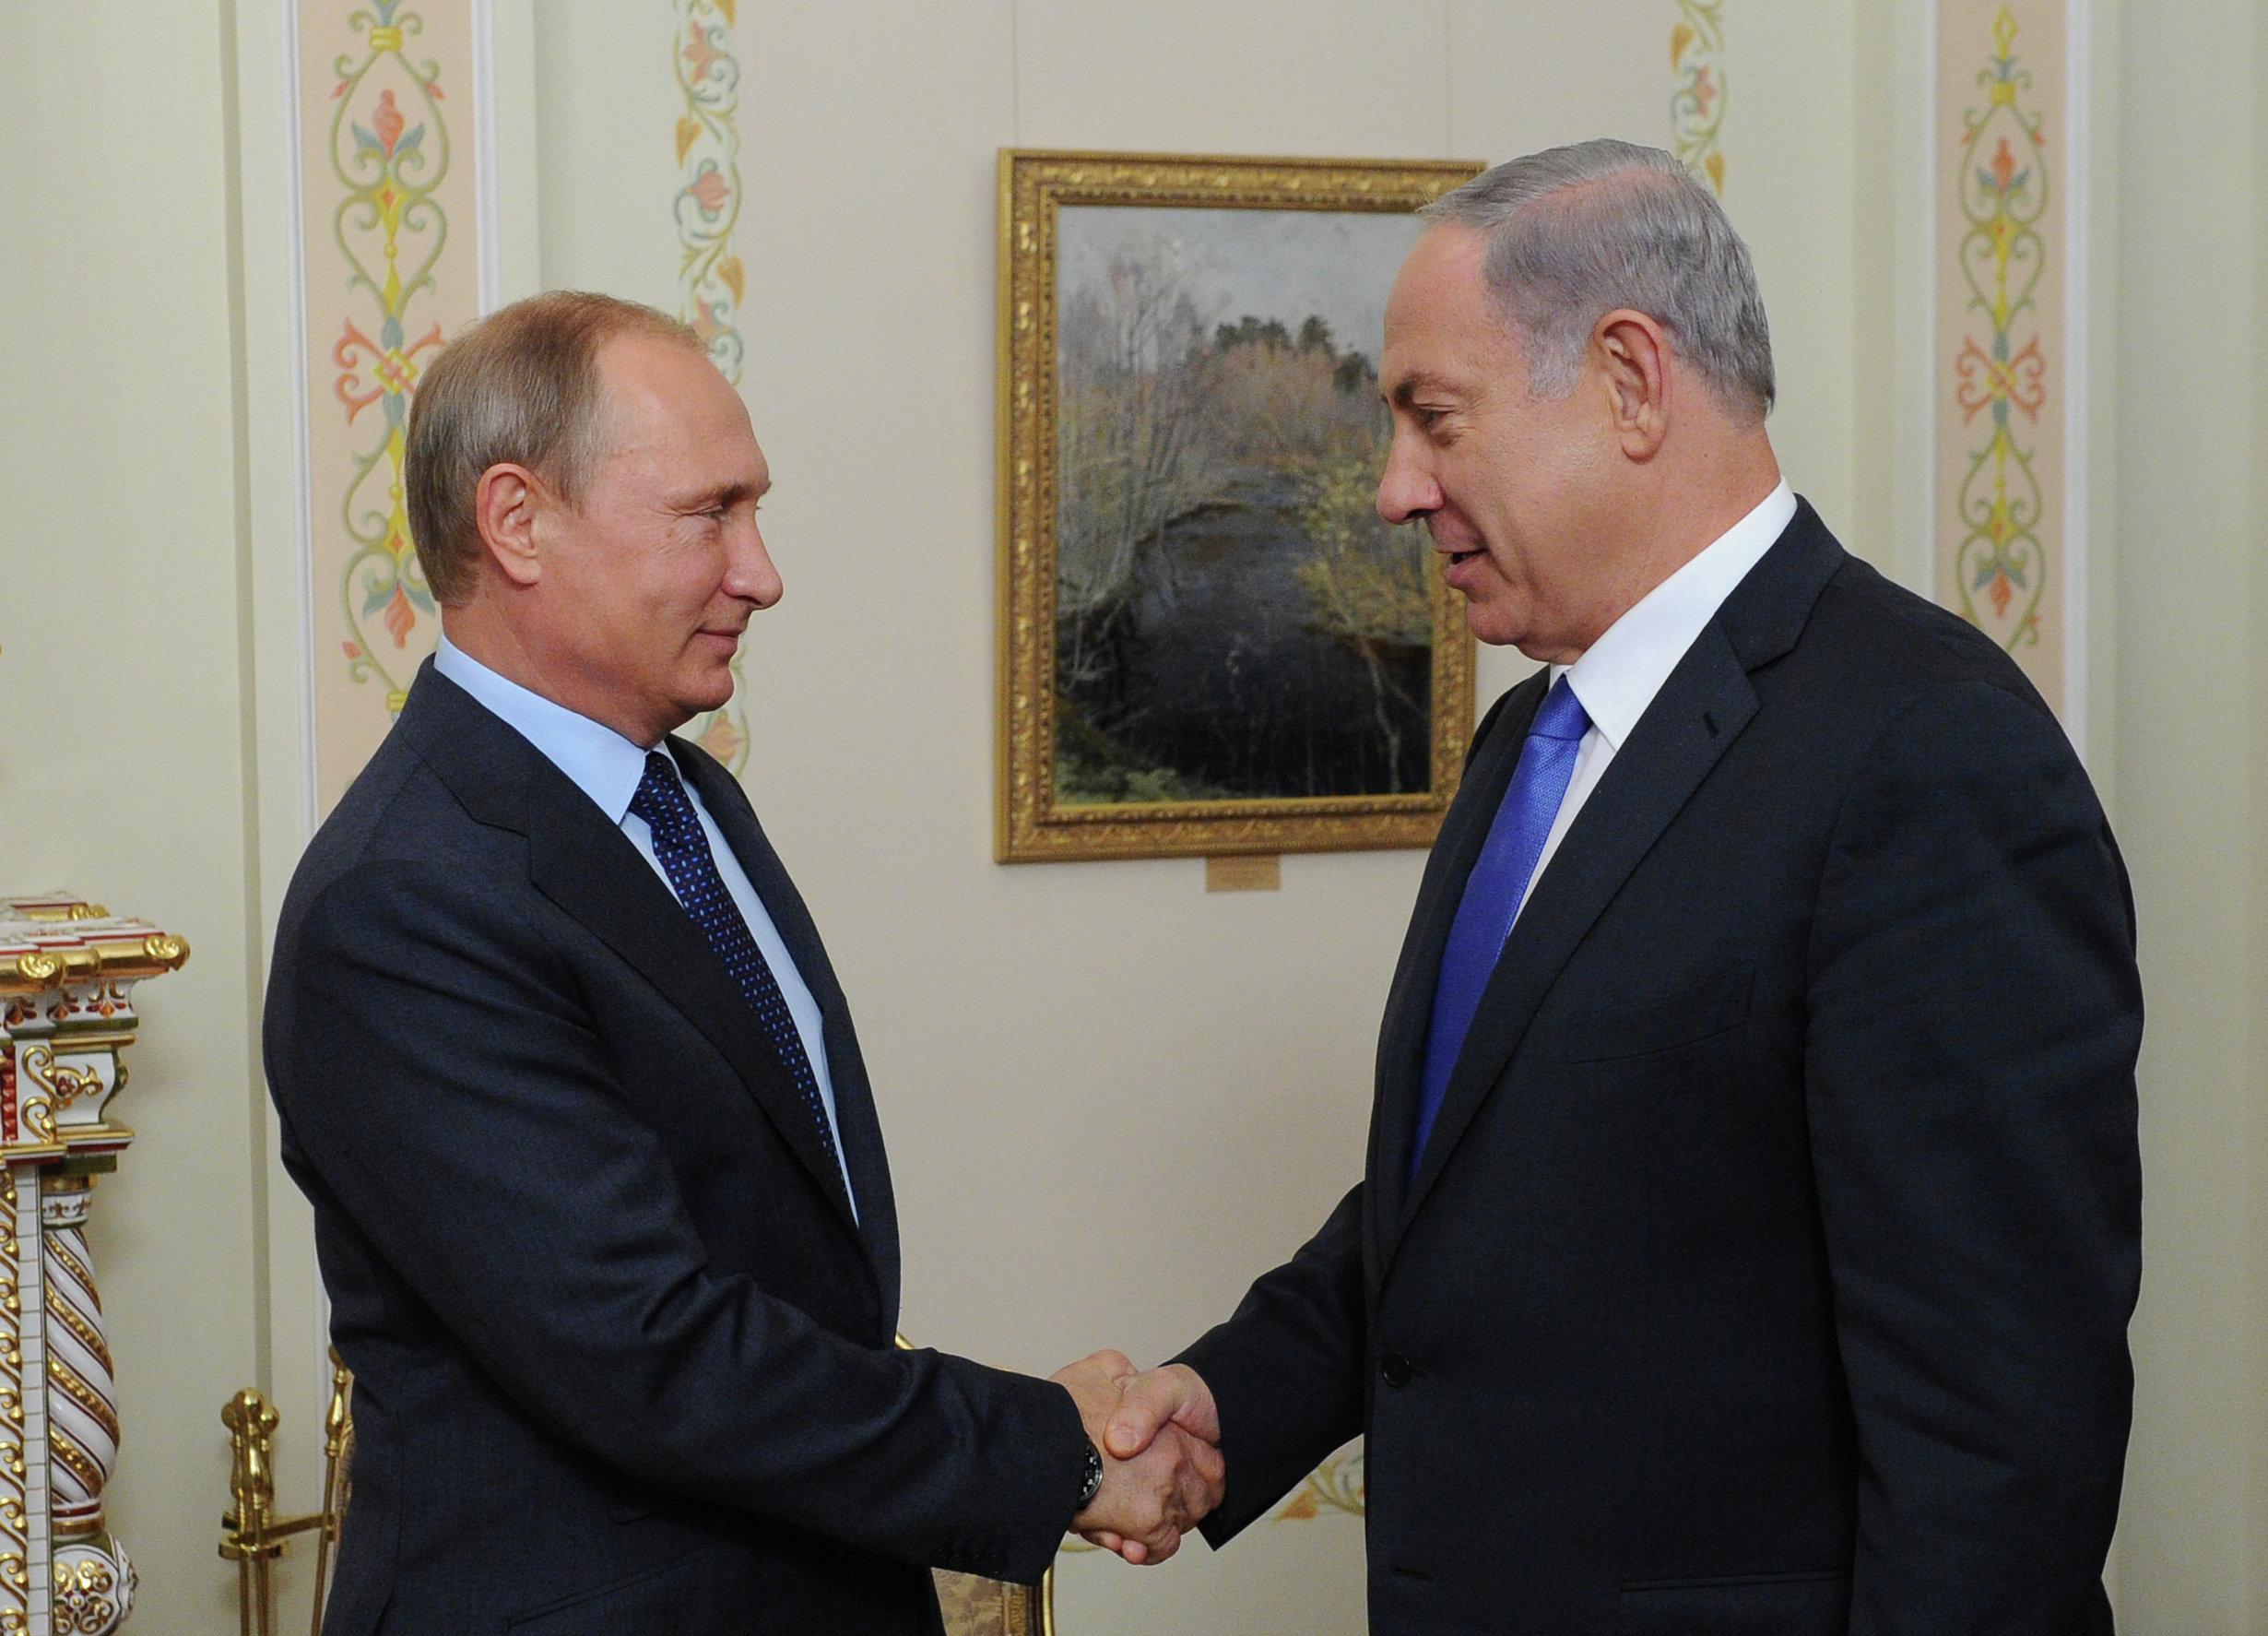 Израиль и Россия ведут открытый и честный диалог